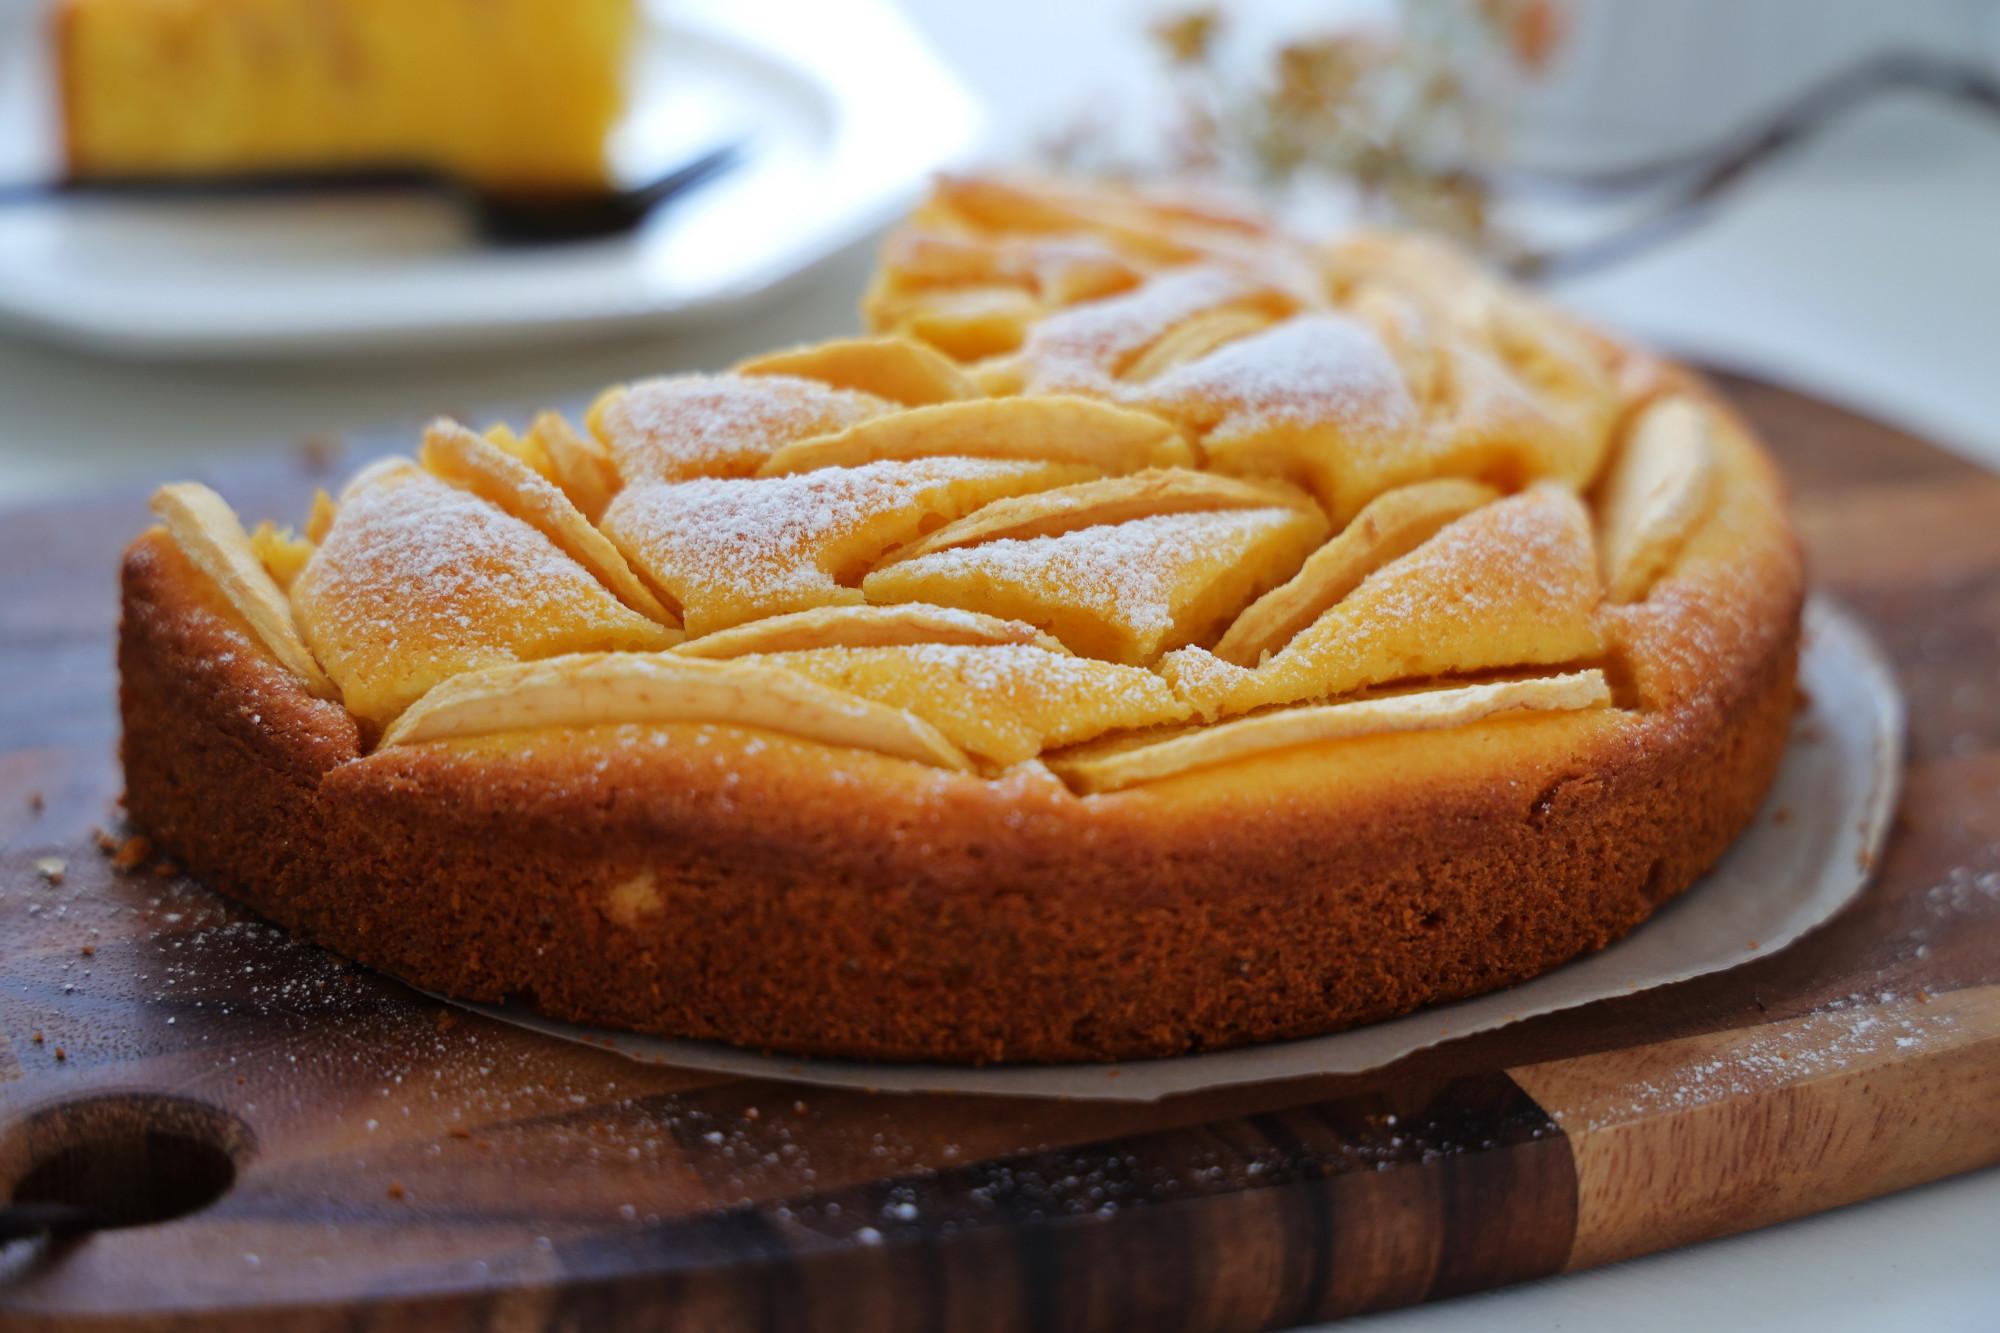 寧願長胖也要吃的蛋糕,太香了! 做法簡單,新手也不會失敗